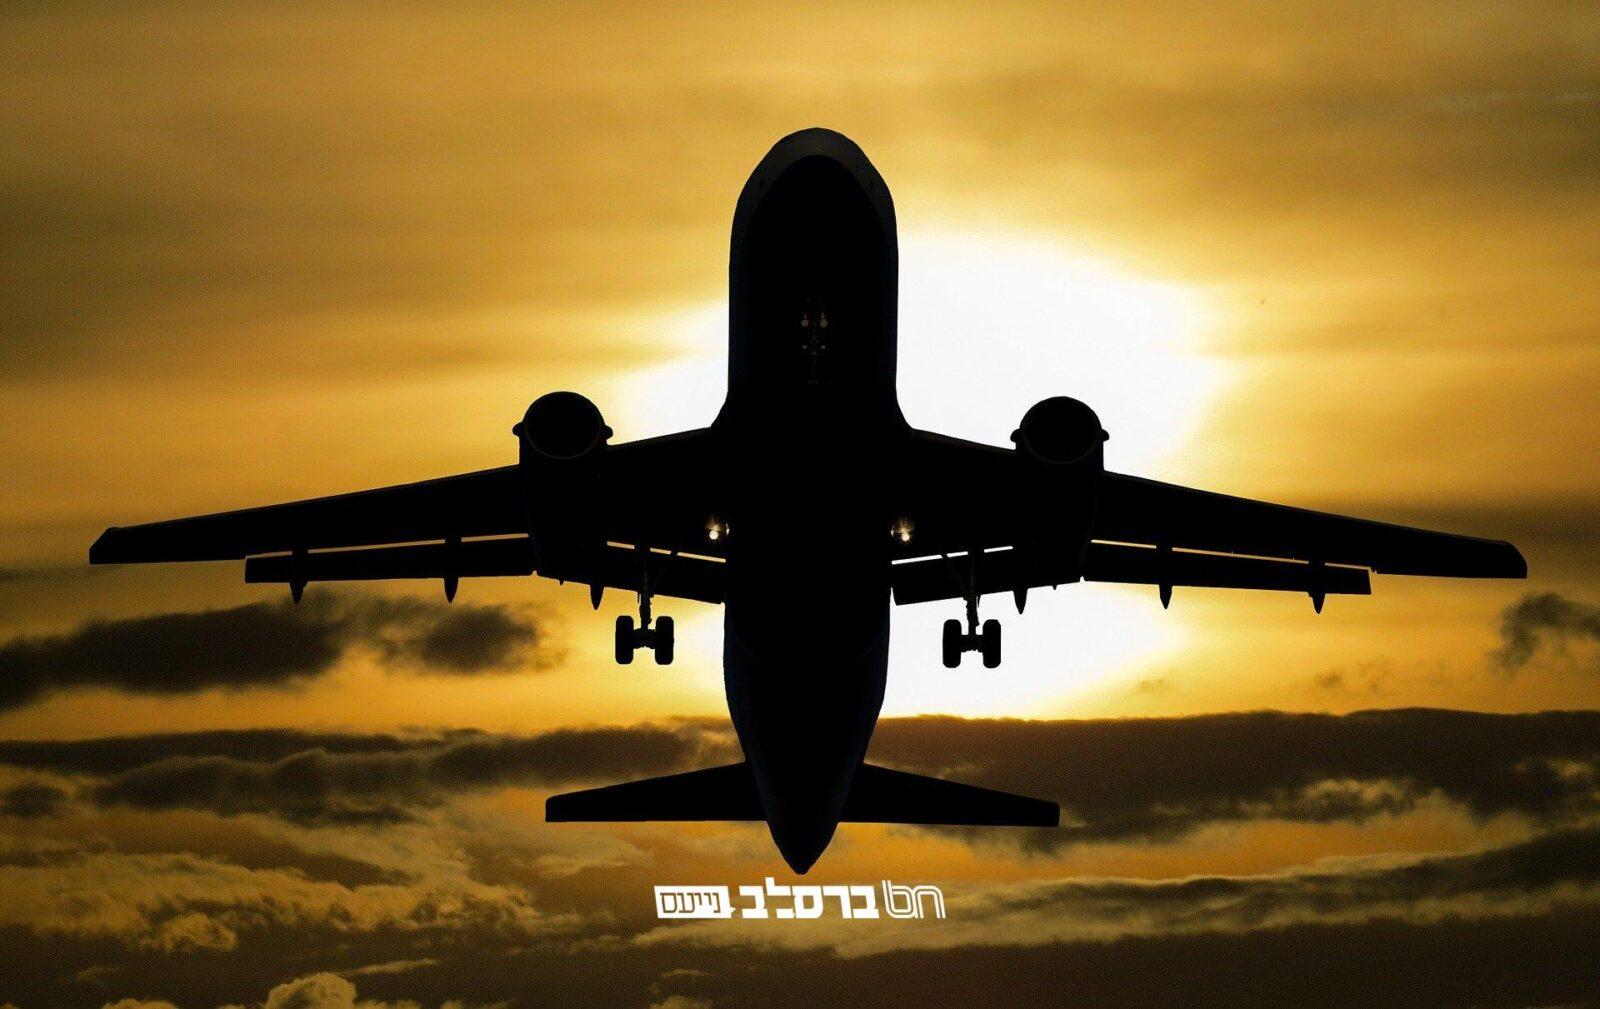 הנסיעות לאומן: אוקראינה חפצה מאוד בחידוש הטיסות כבר החודש. סיבה לאופטימיות?